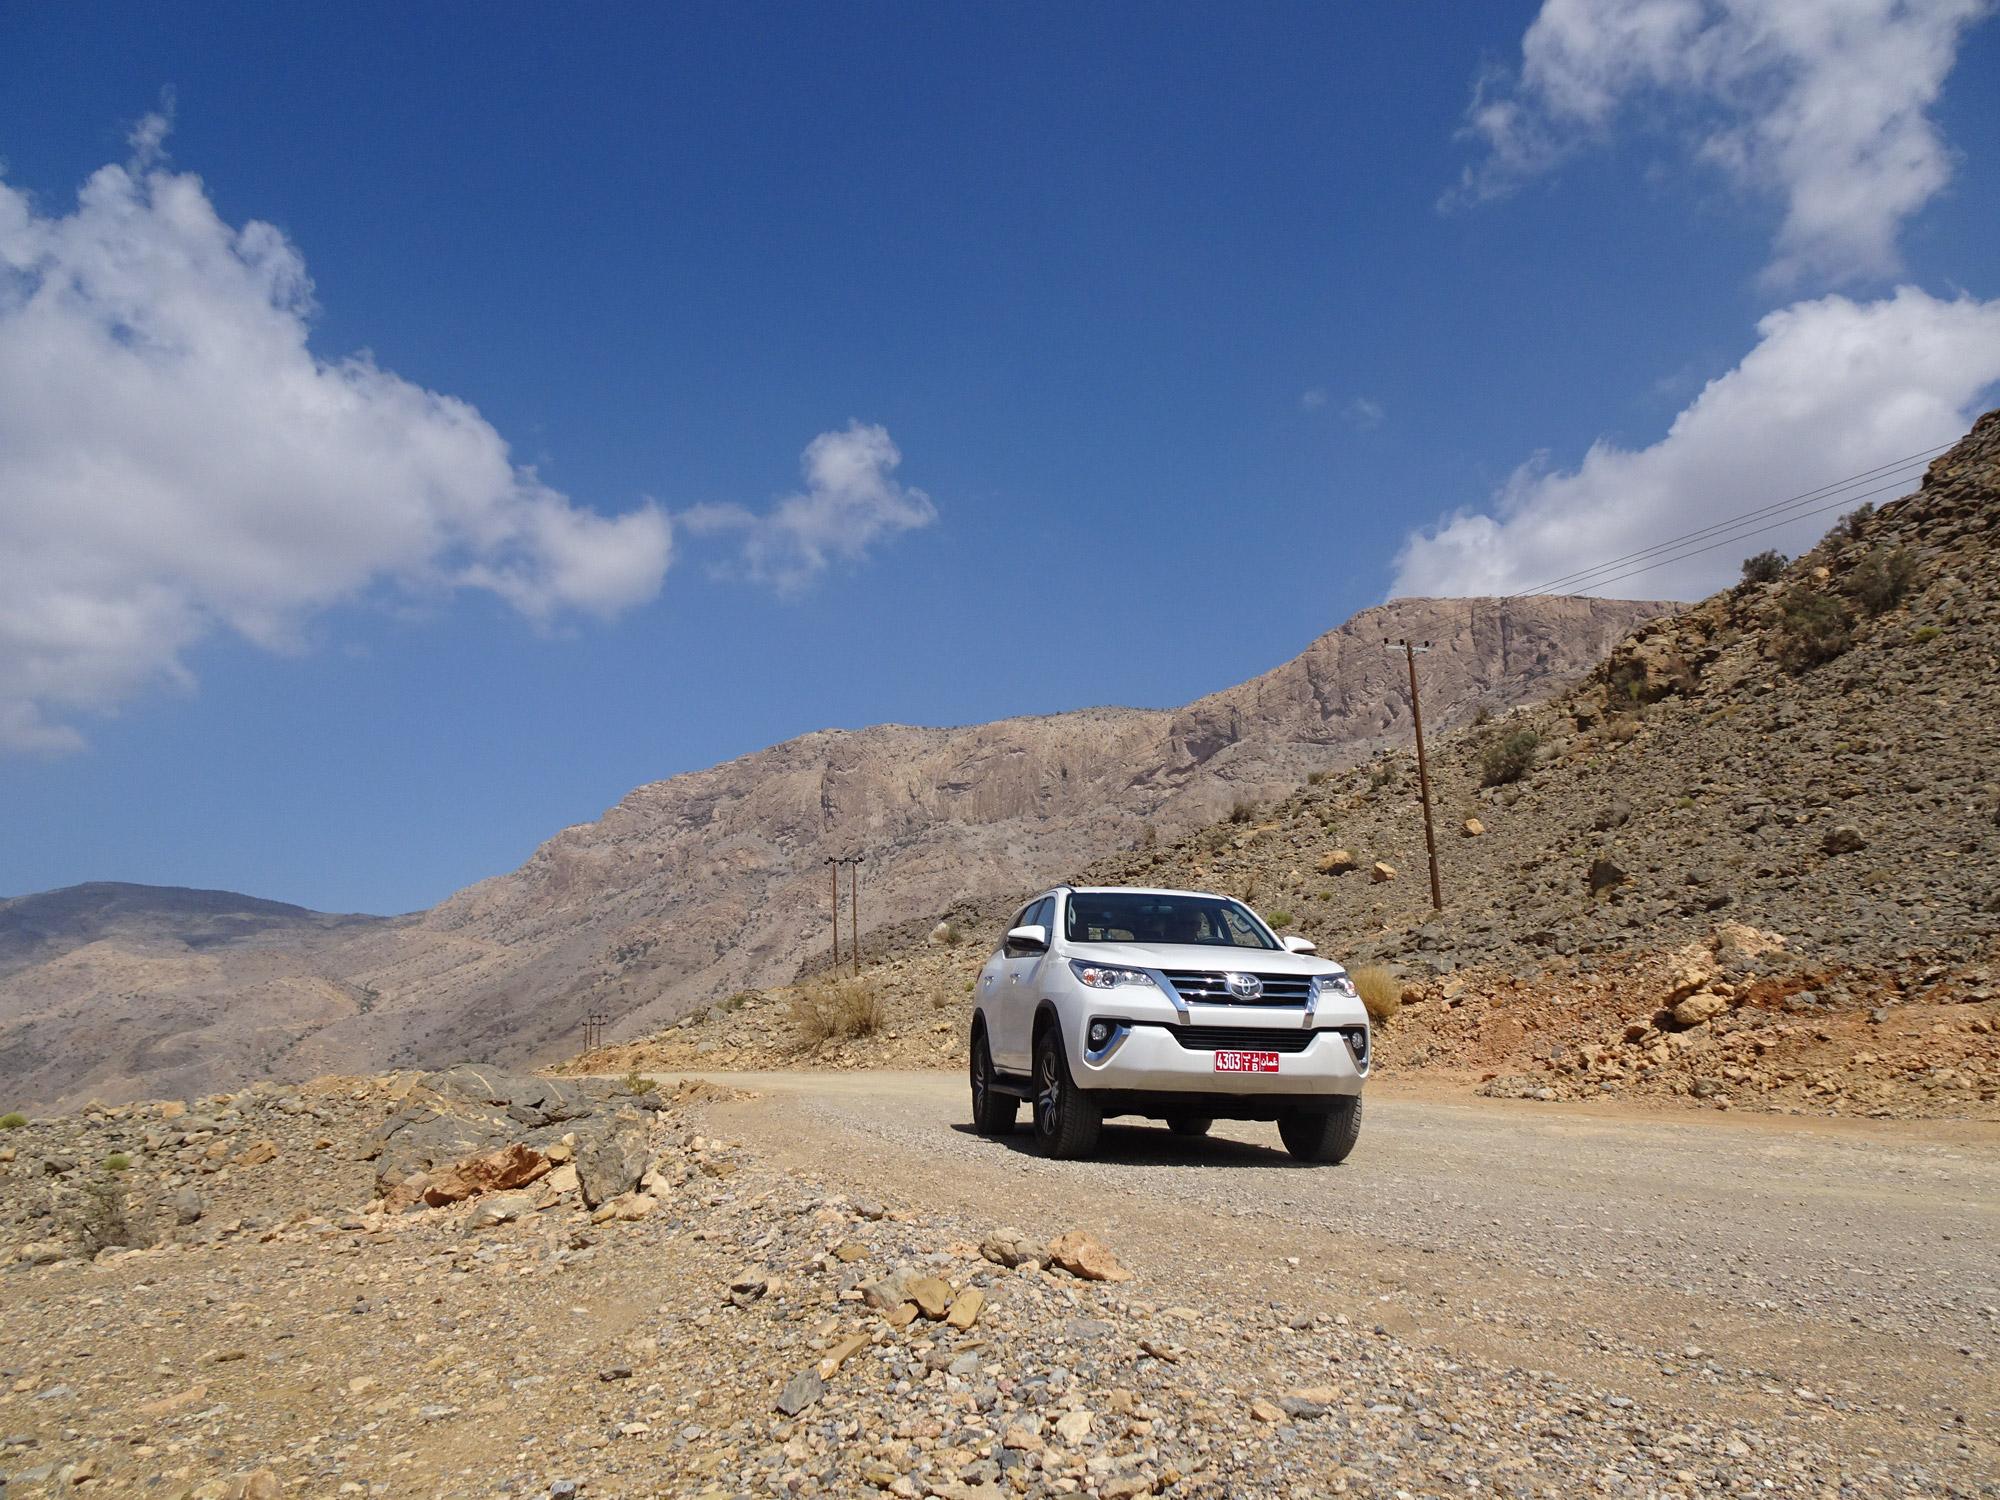 Anika - Oman - Met een 4WD de Canyon in